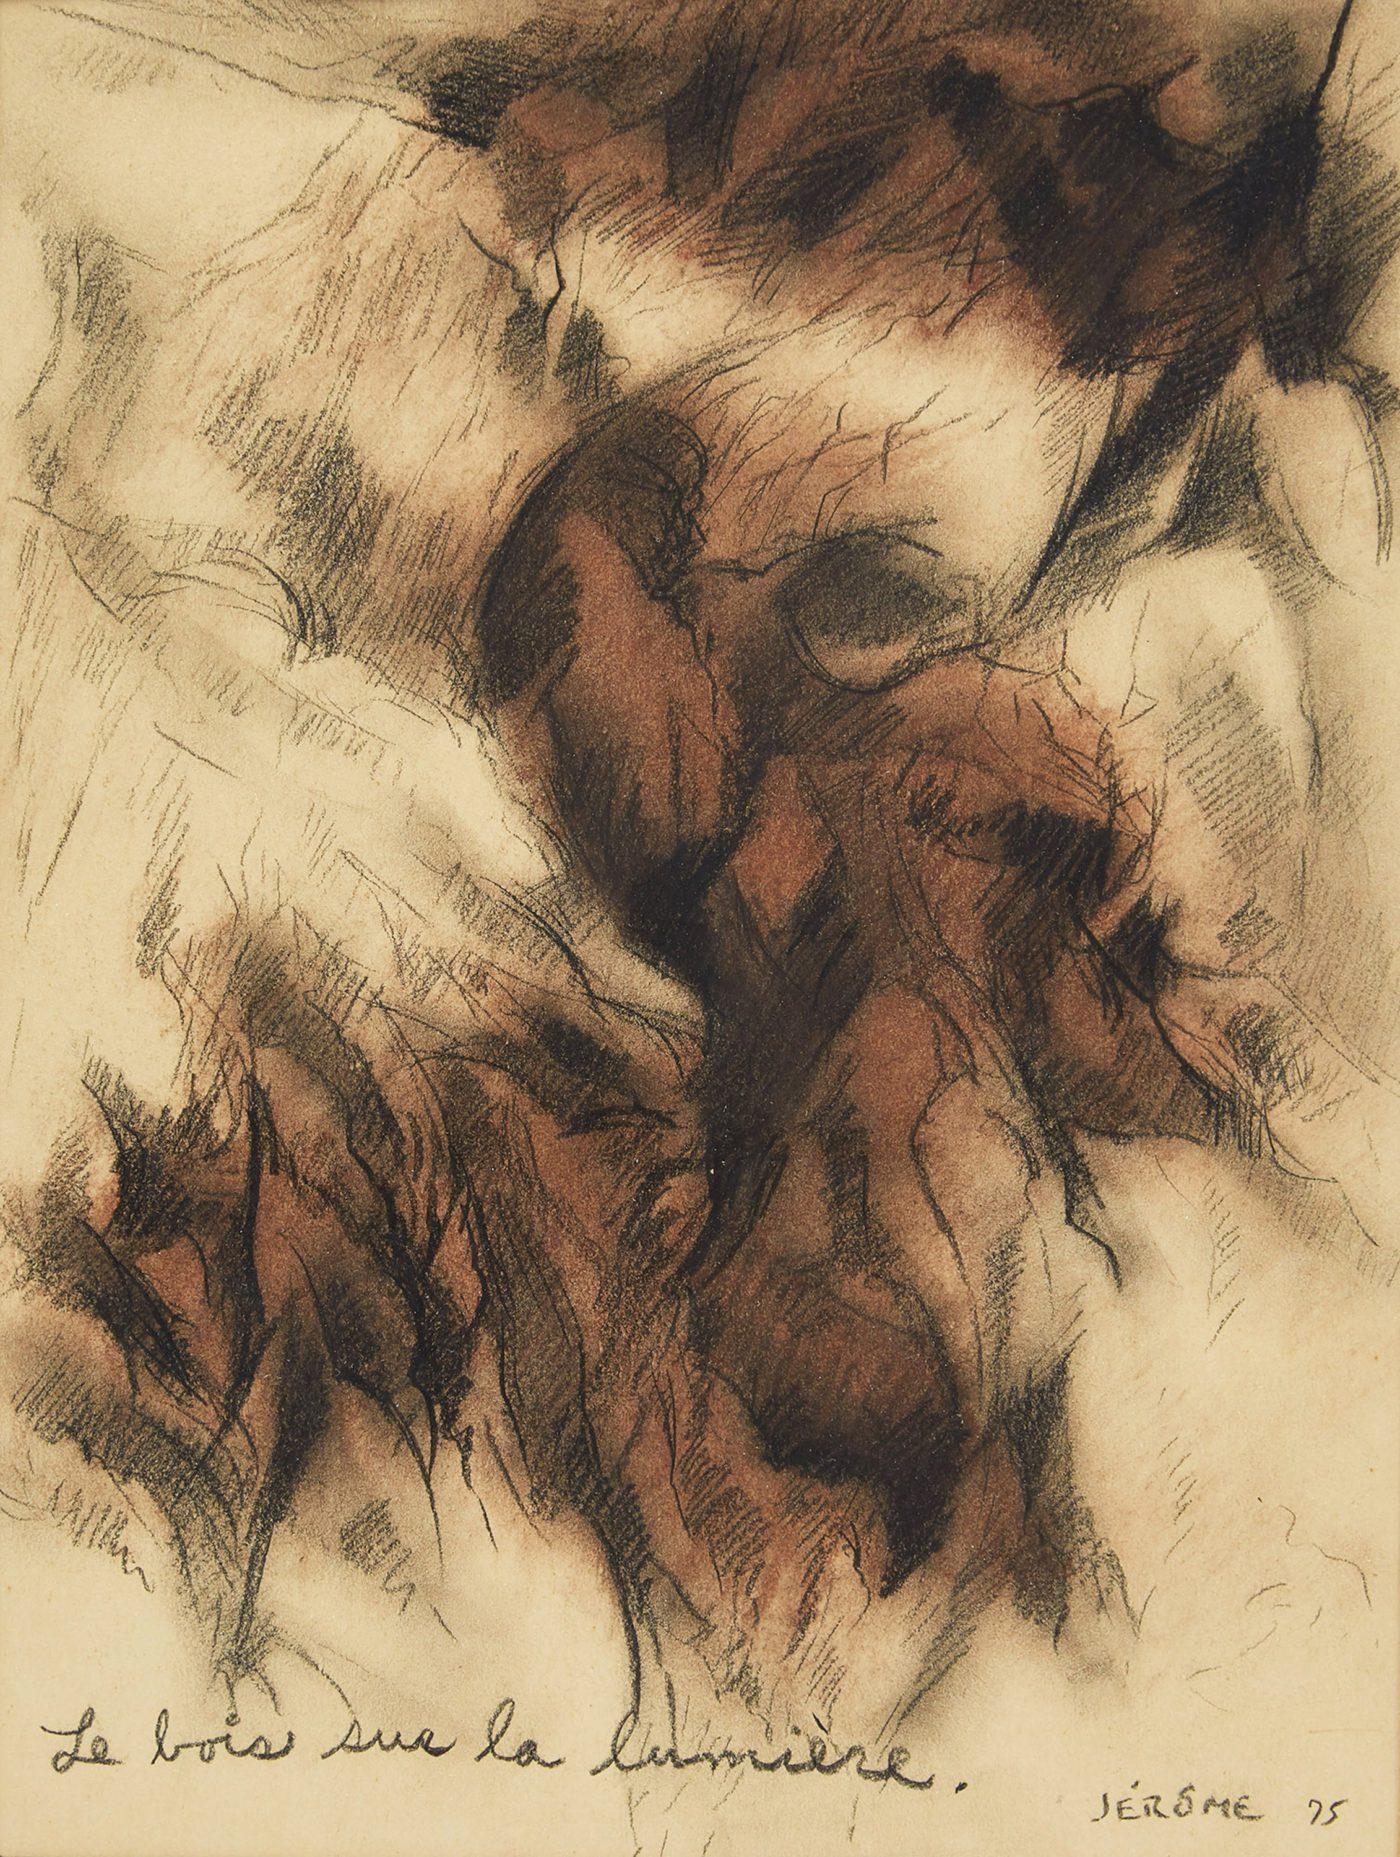 Le bois sur la lumiere by Jean-Paul Jerome